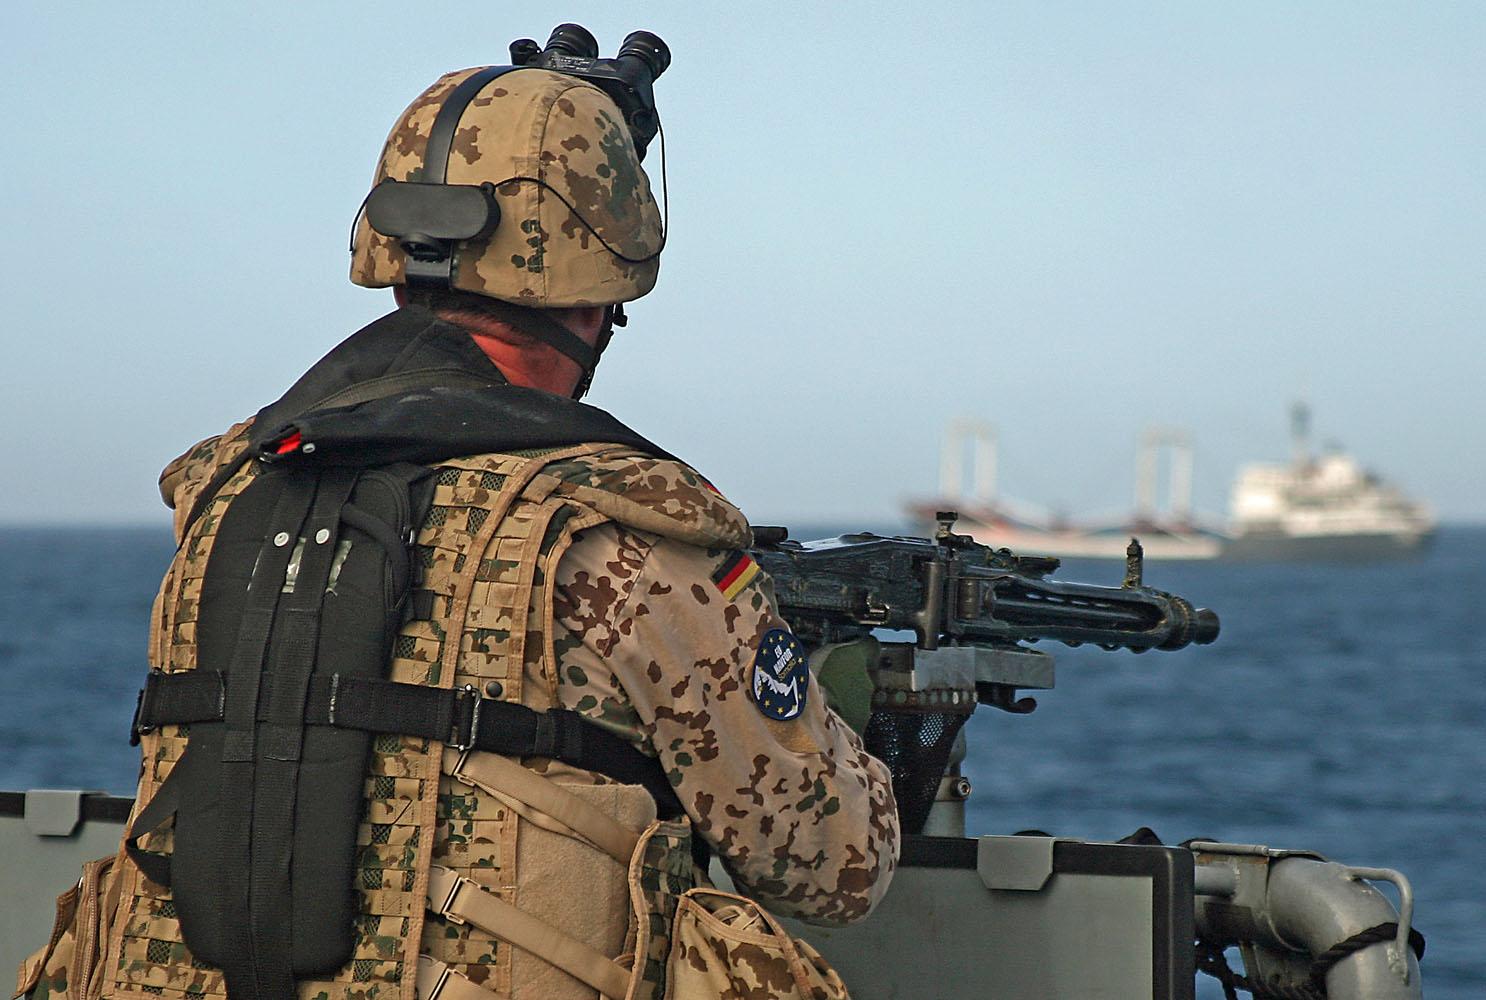 Marinesoldaten der MSK-Schutzkräfte aus Eckernförde sind ebenfalls am Horn von Afrika im Einsatz.